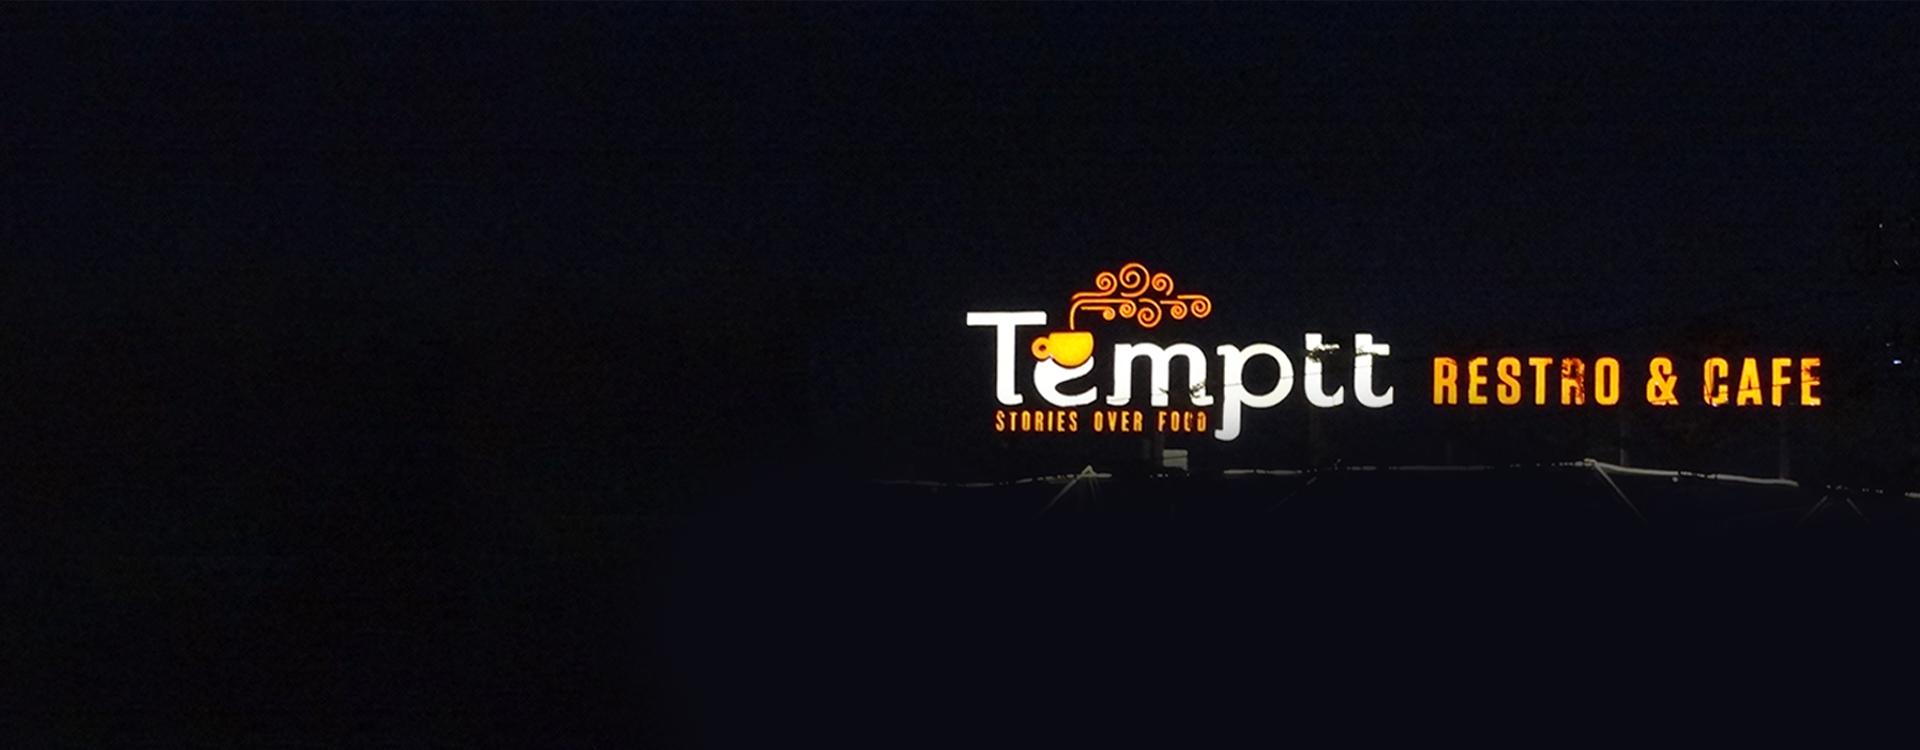 Temptt Restro & Cafe